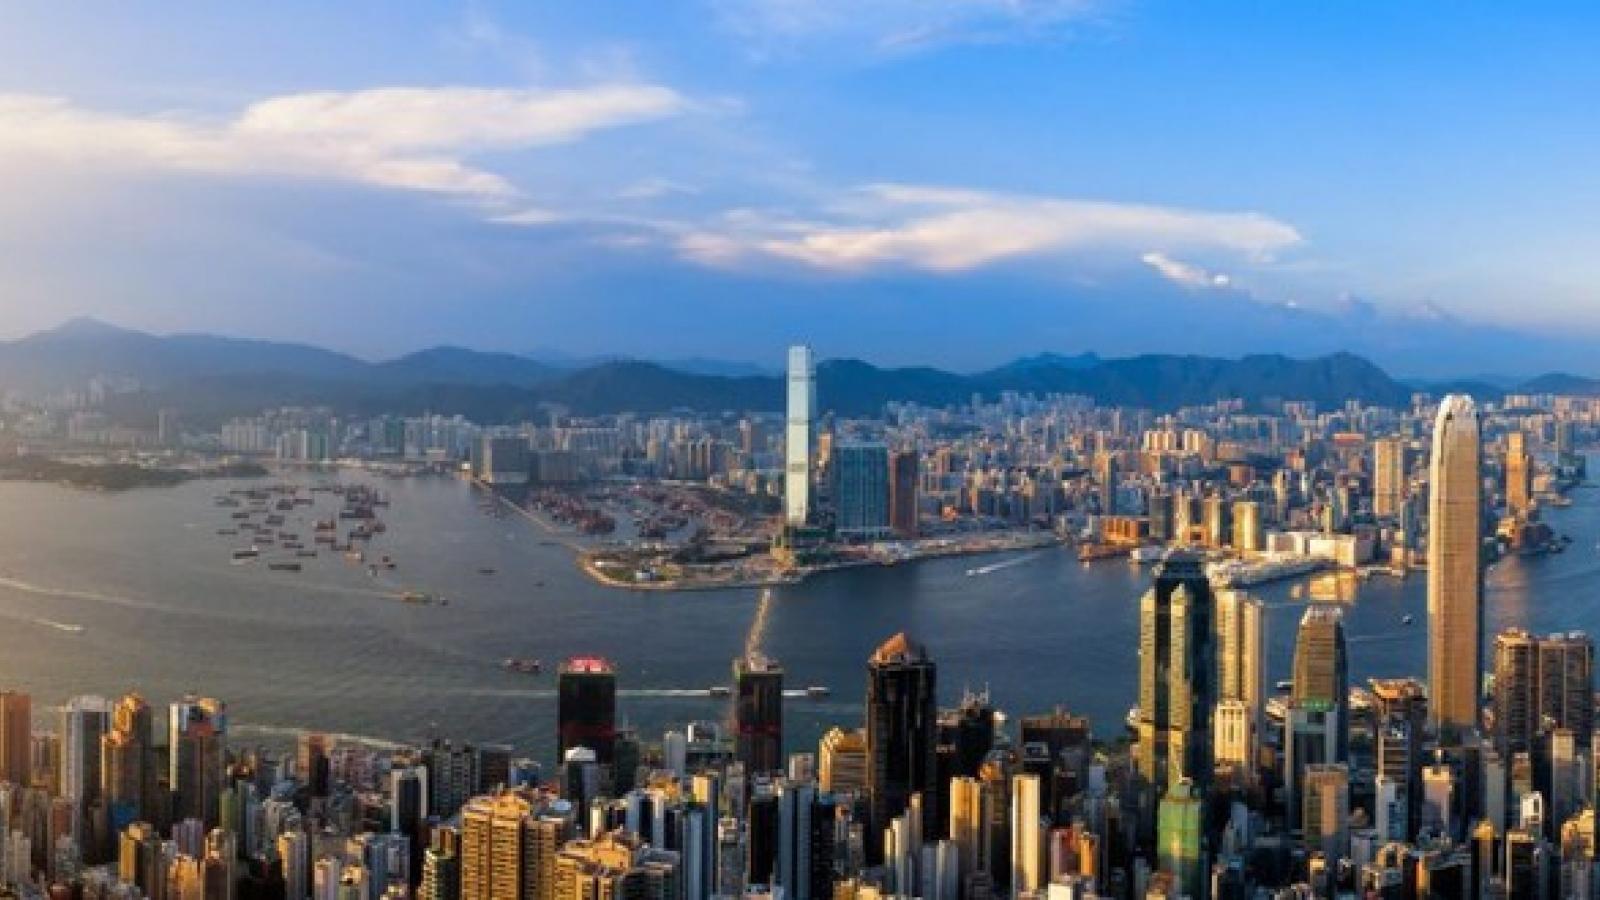 Hong Kong (Trung Quốc) tiếp tục được đánh giá là nền kinh tế tự do nhất thế giới